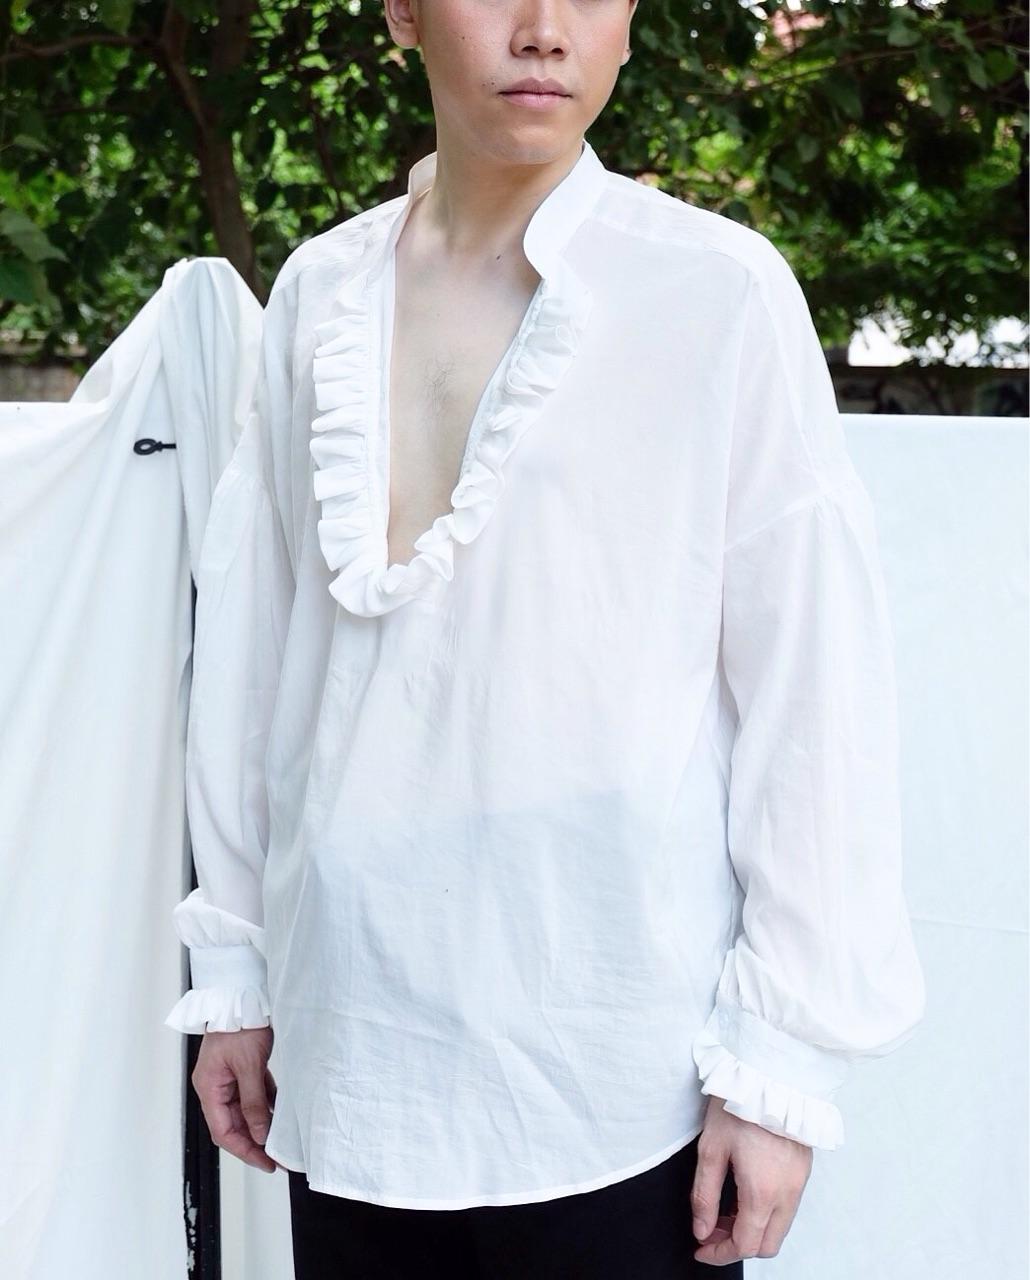 เสื้อเชิ้ต,เสื้อเชิ้ตผู้ชาย,เสื้อเชิ้ตแขนยาว,เสื้อเชิ้ตคอวี,เสื้อเชิ้ตสีขาว,เสื้อสีขาว,เสื้อแขนยาว